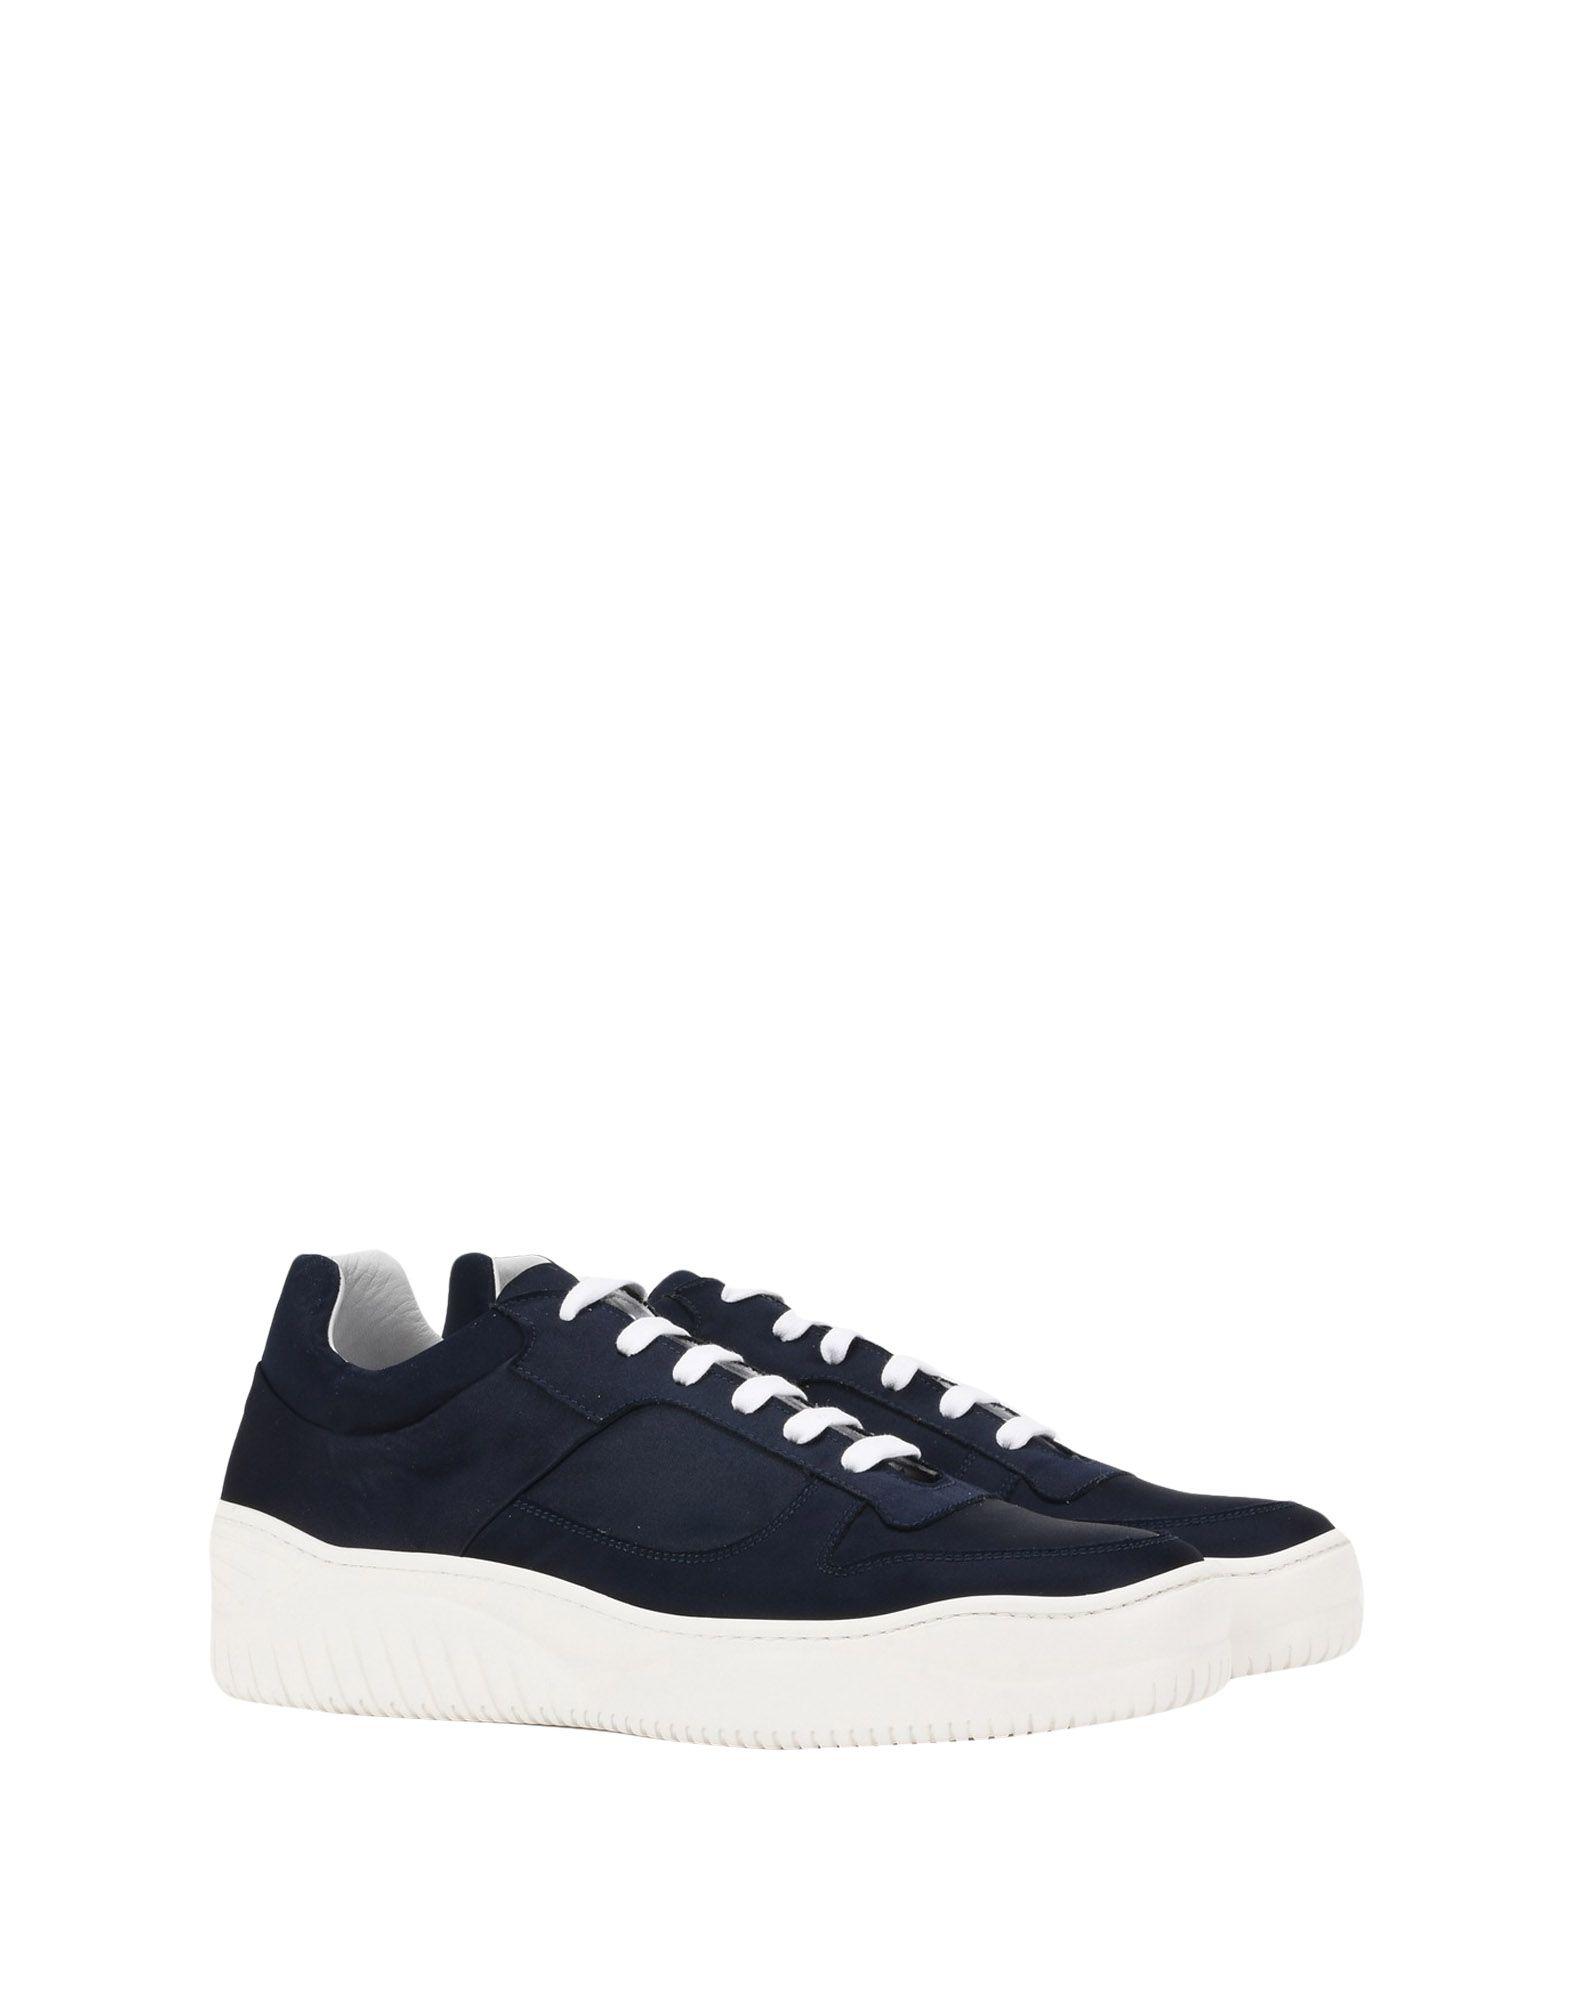 8 Sneakers Herren    11452057JW Heiße Schuhe 374cd4